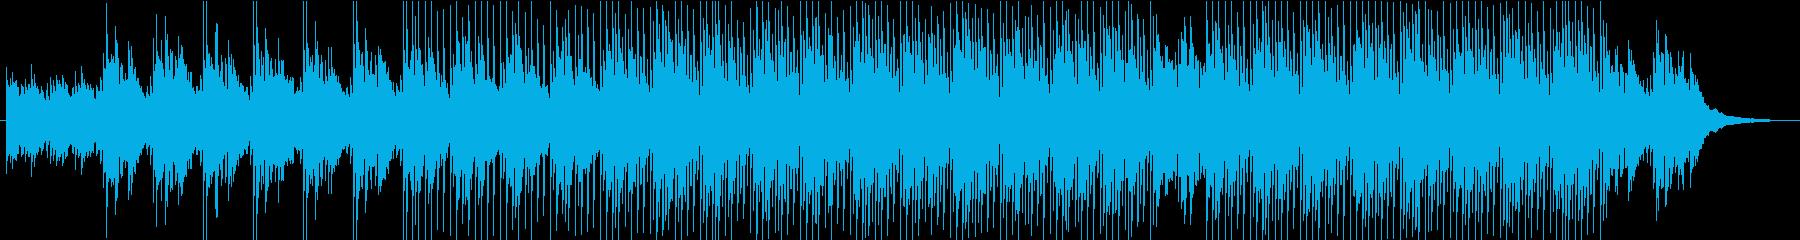 ピアノ/決意/企業VP/前向き/壮大の再生済みの波形